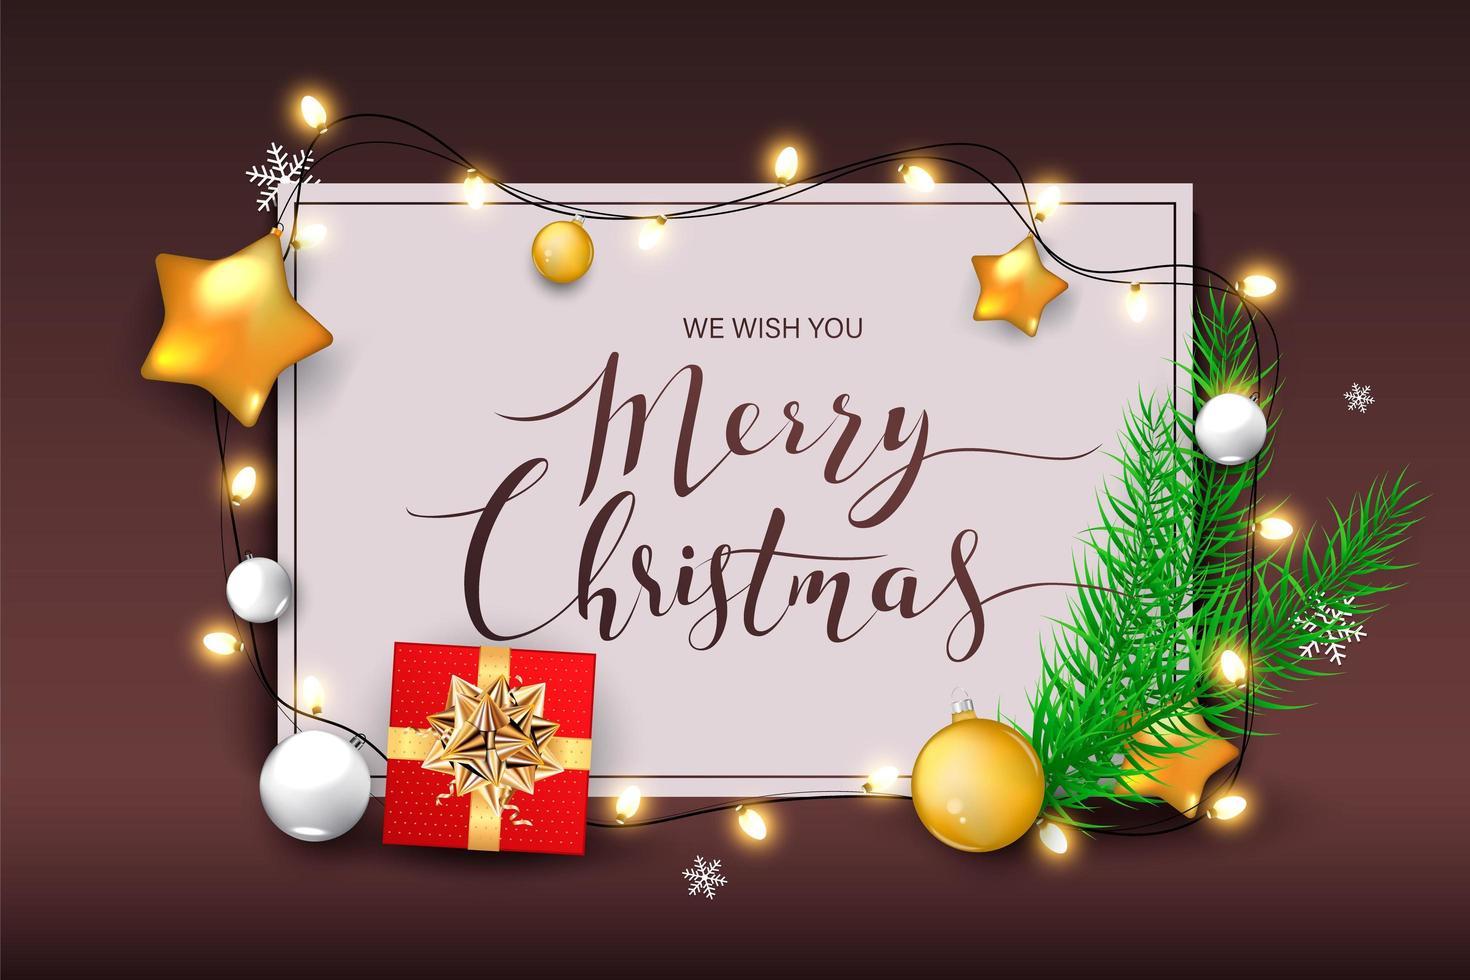 vrolijk kerstfeest achtergrond - Download Free Vectors, Vector Bestanden,  Ontwerpen Templates